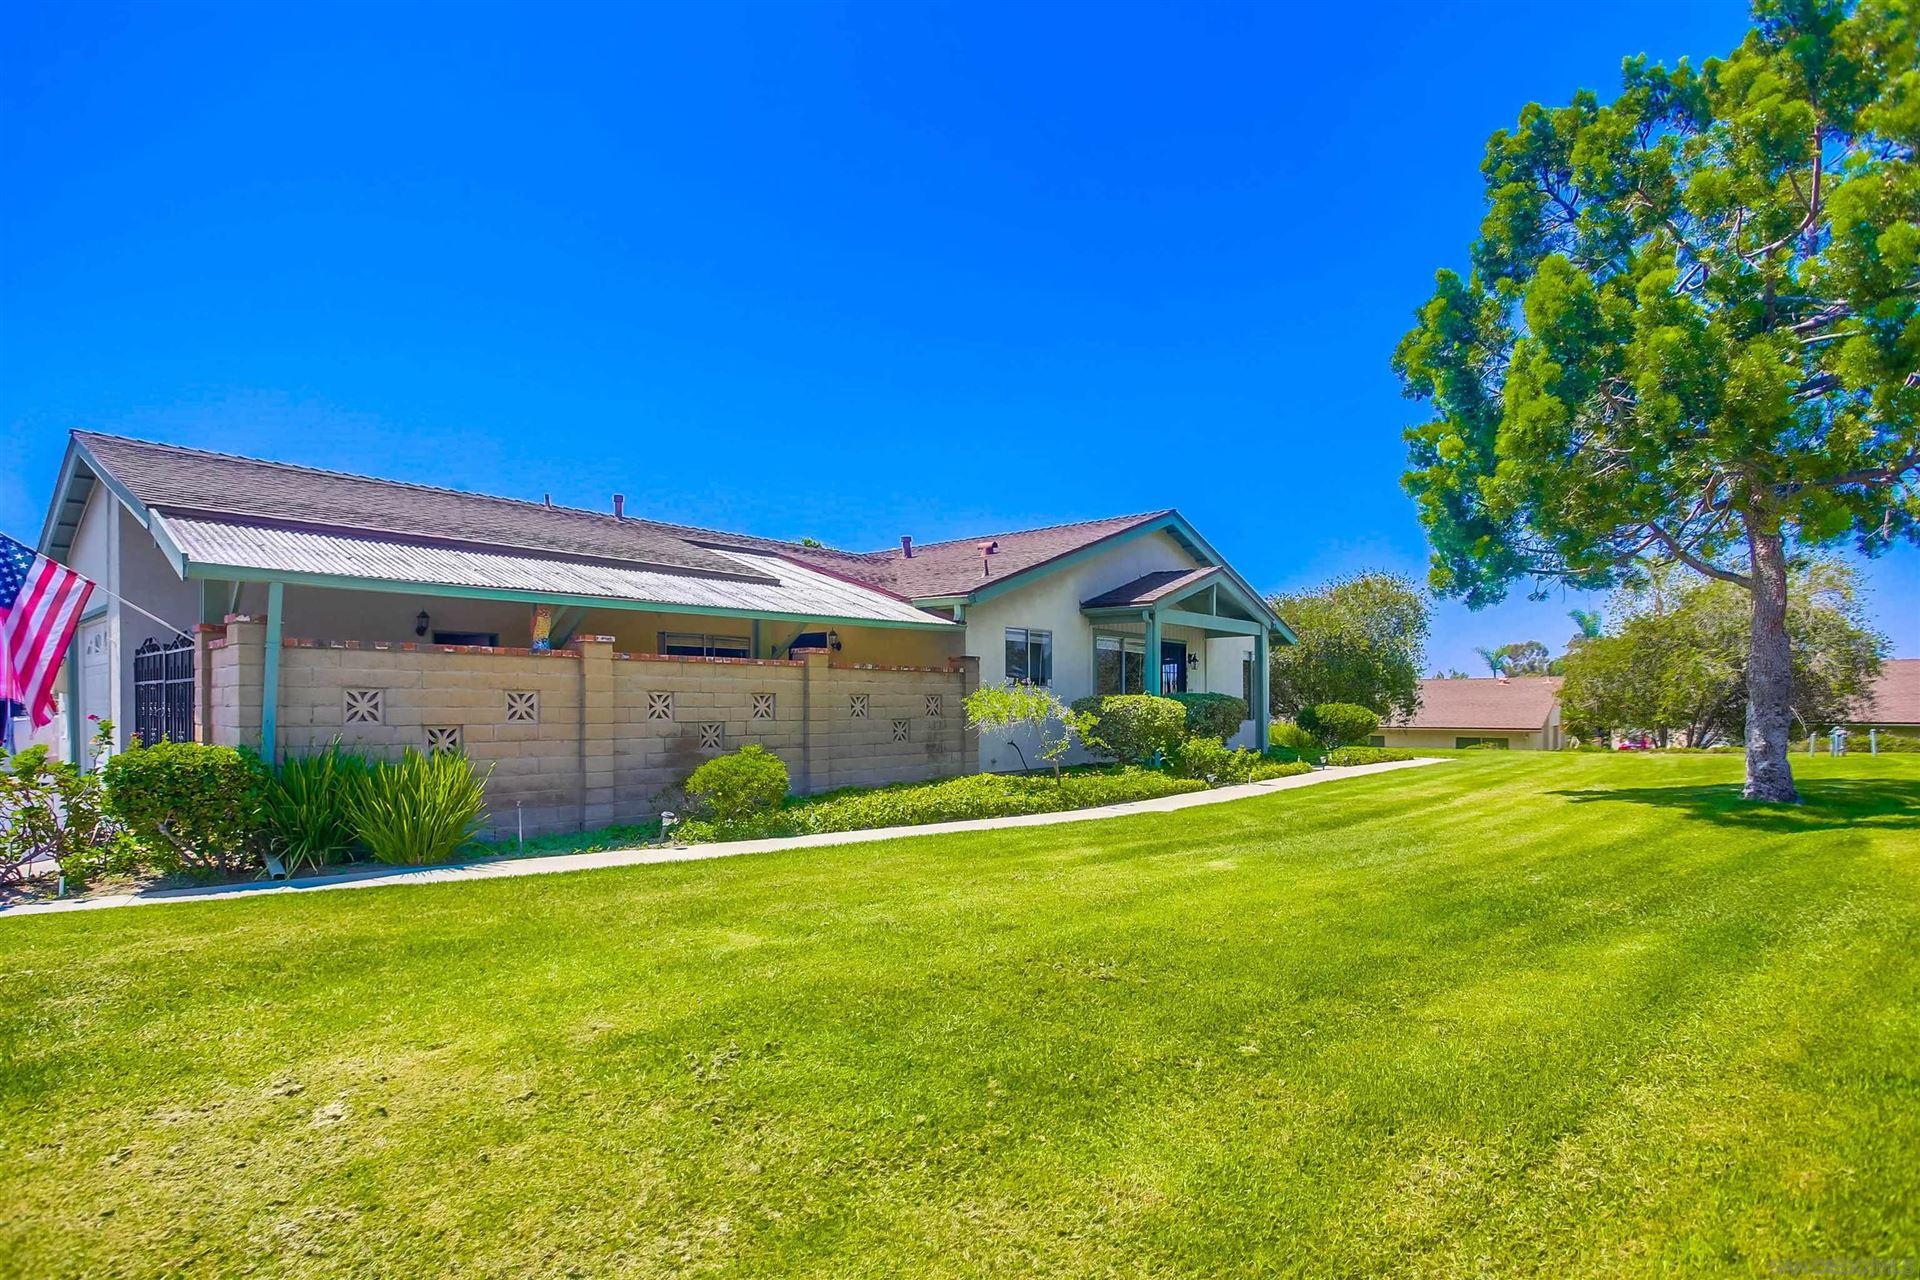 Photo of 1043 Eider Way, Oceanside, CA 92057 (MLS # 210025457)